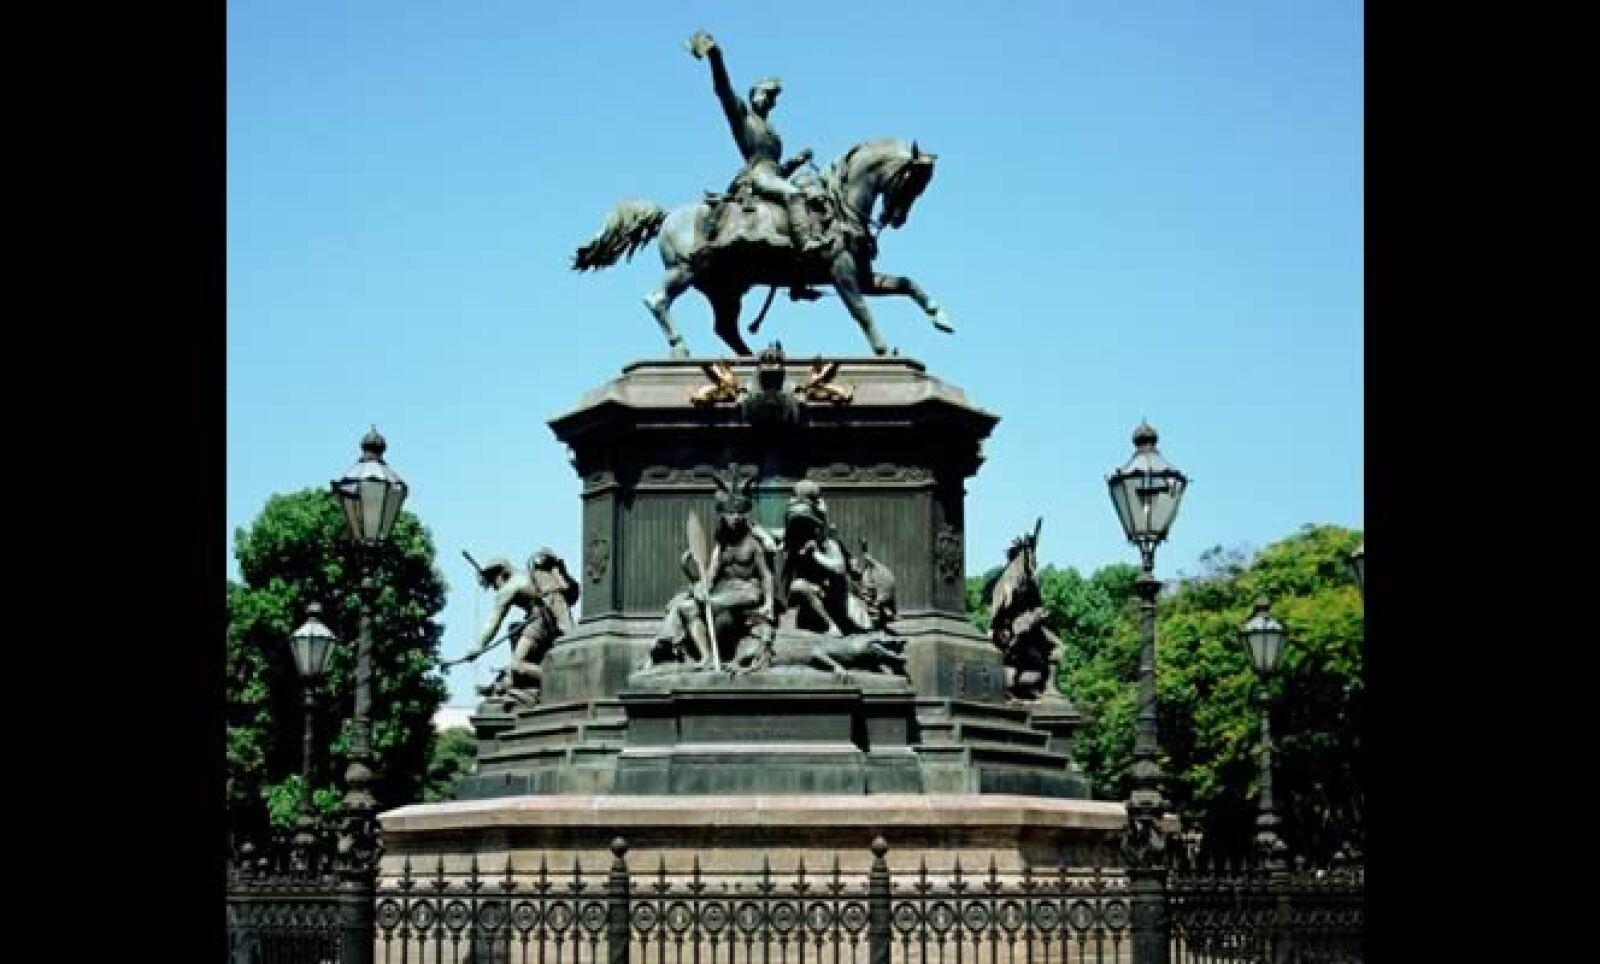 Esta estatua se encuentra en el barrio norte de Río, la cual recuerda a las famosas guerreras amazonas.